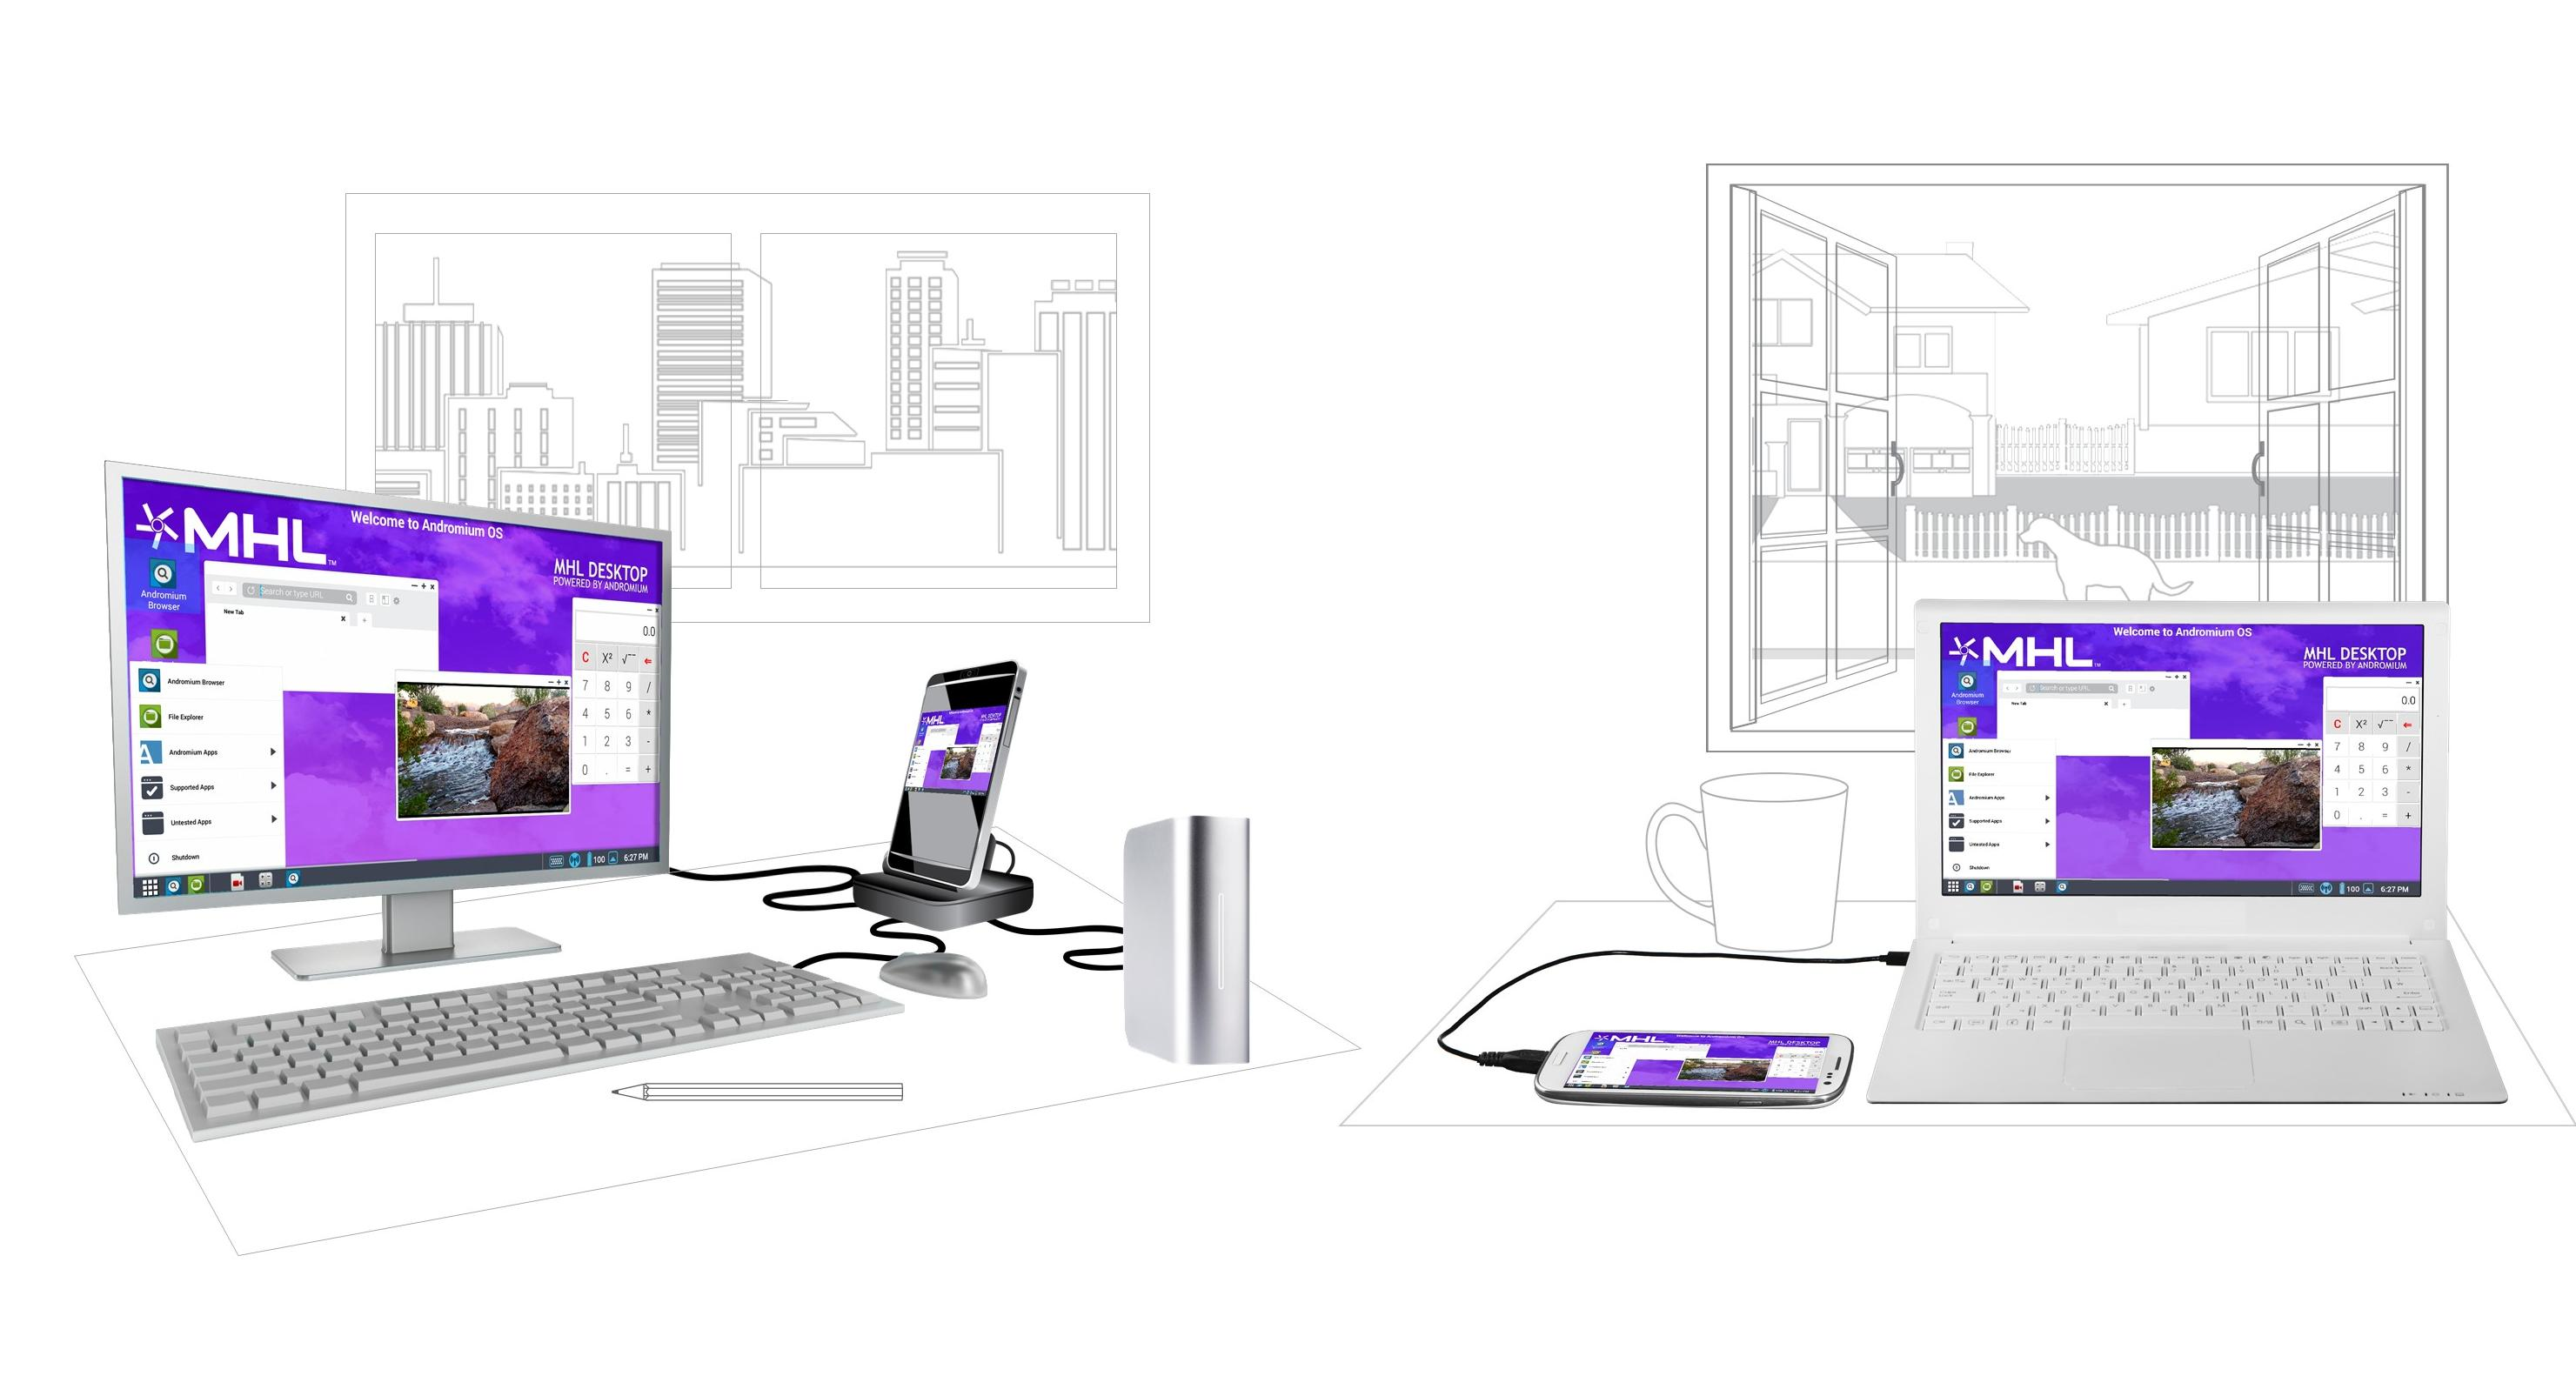 حول هاتفك الأندرويد لجهاز كمبيوتر بواسطة تطبيق Andromium OS